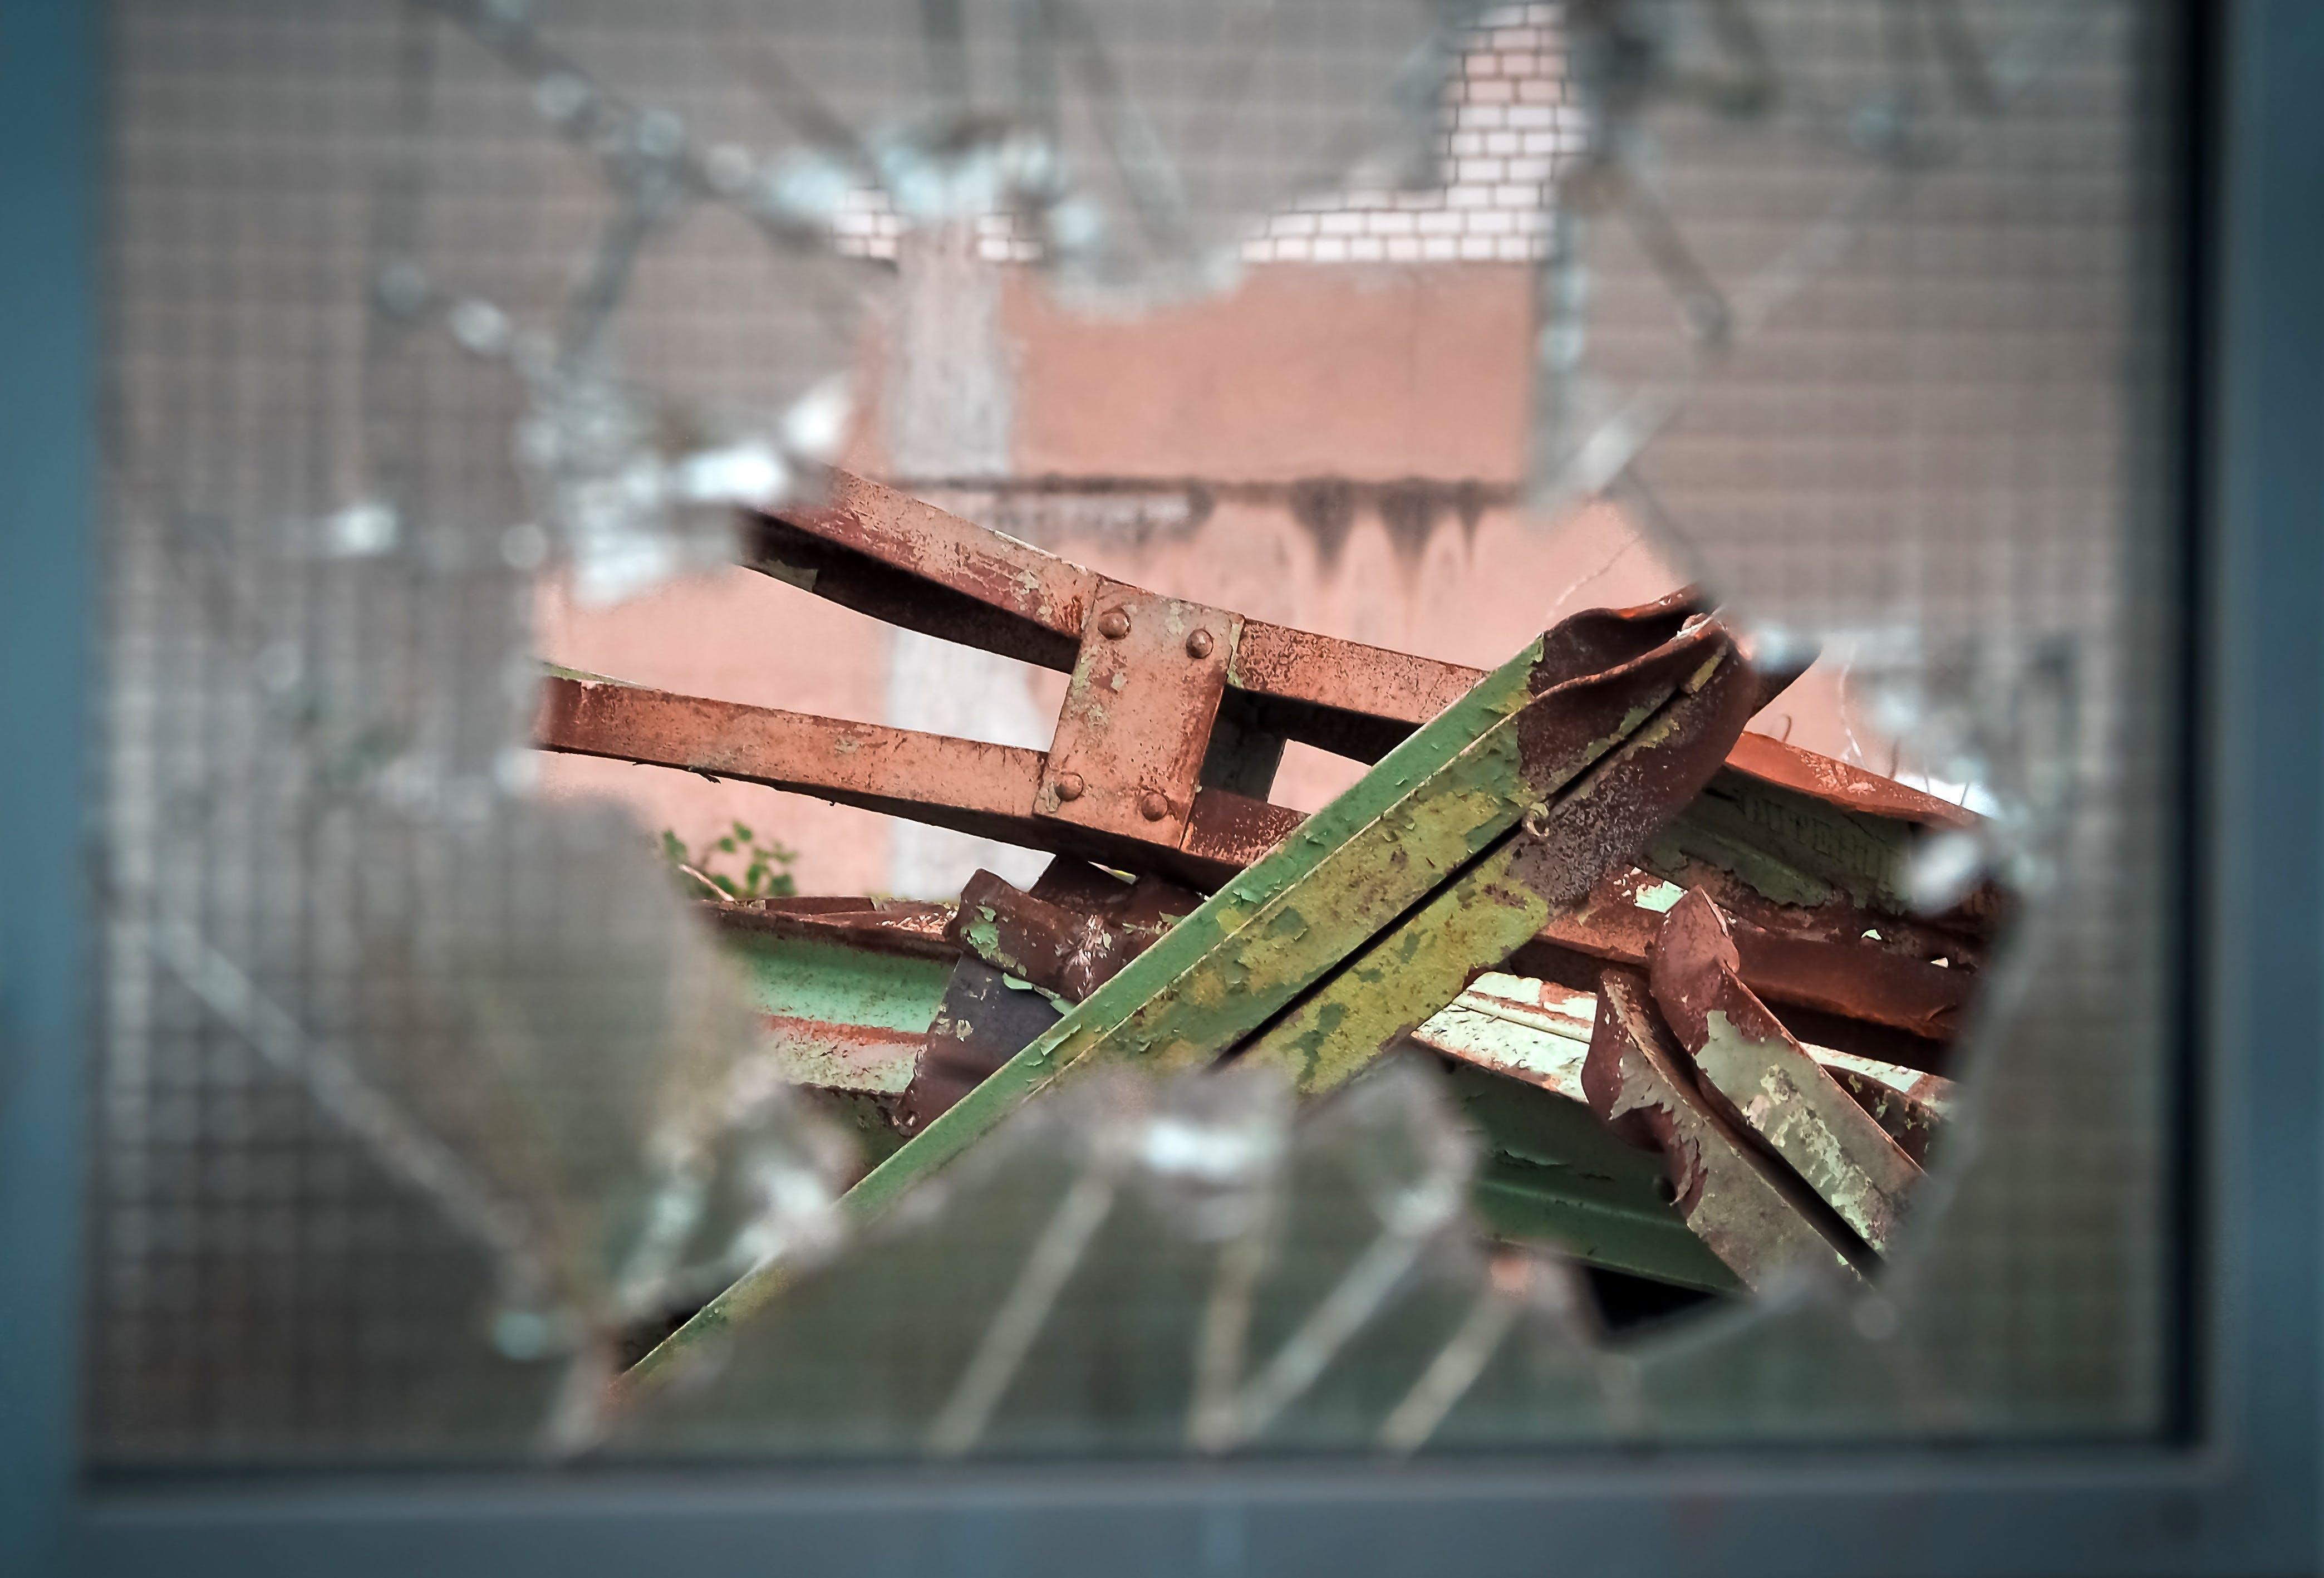 Free stock photo of building, industry, metal, broken